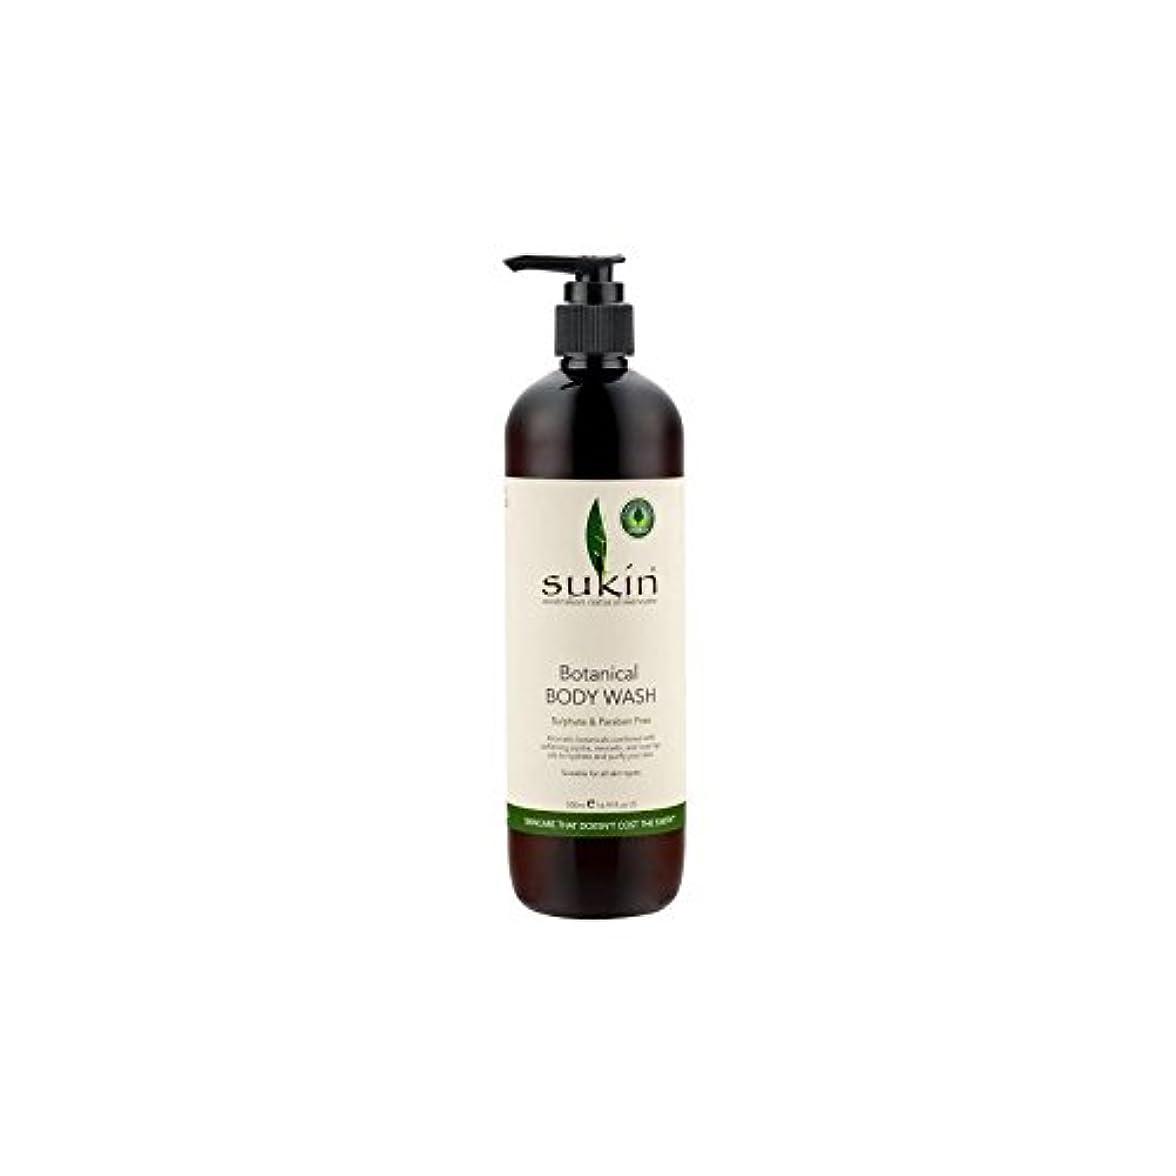 有効スライム安価なSukin Botanical Body Wash (500ml) (Pack of 6) - 植物ボディウォッシュ(500ミリリットル) x6 [並行輸入品]